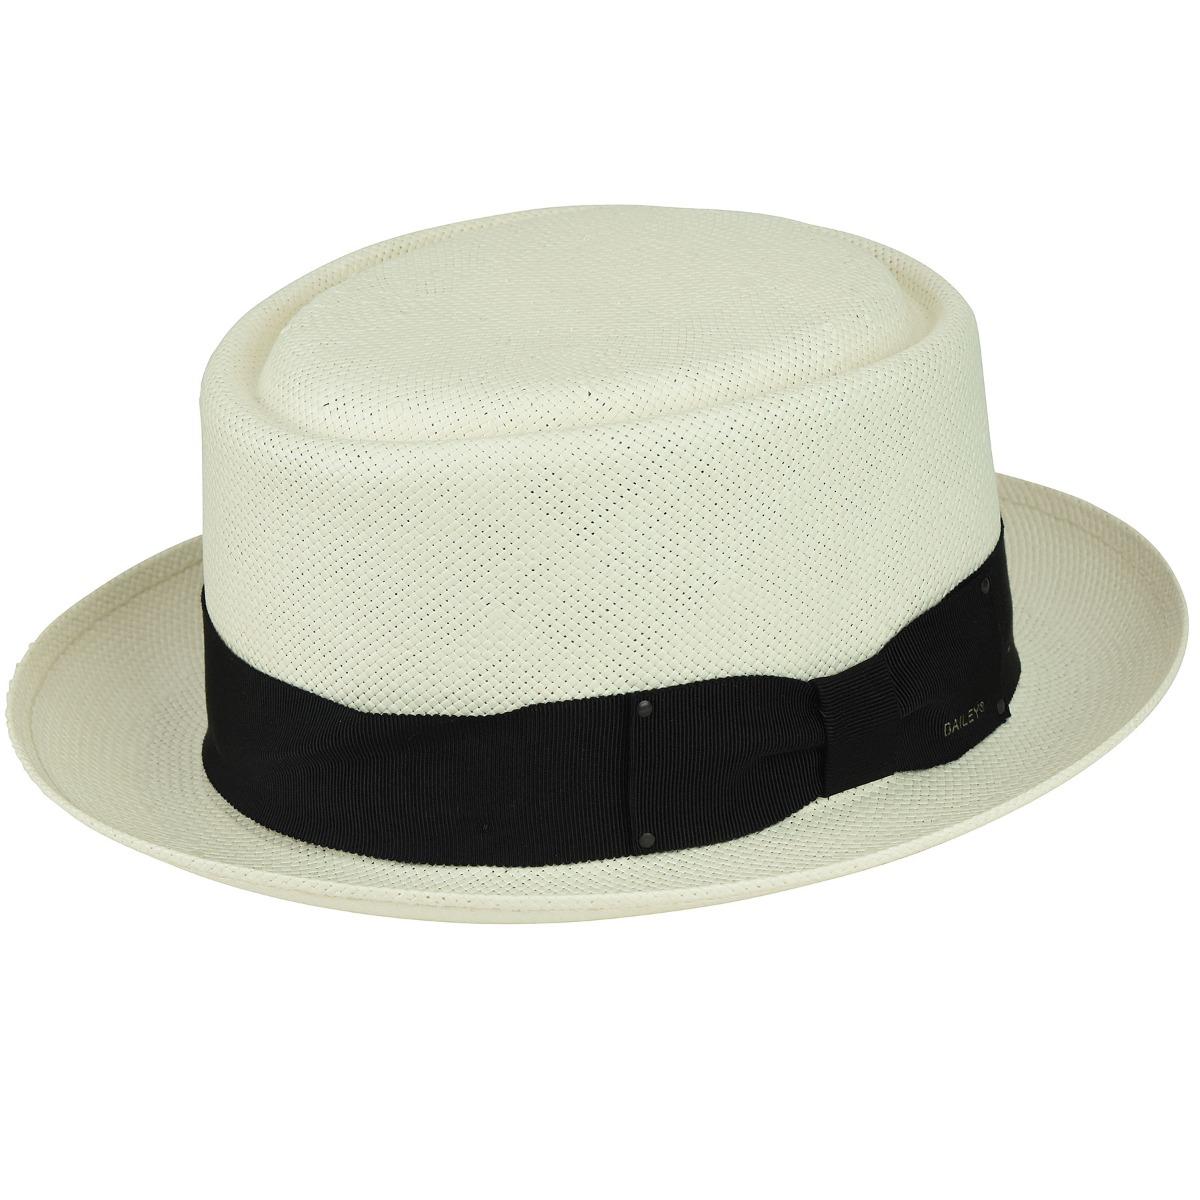 1940s Mens Hats | Fedora, Homburg, Pork Pie Hats Larkin LiteStrawPork Pie $112.50 AT vintagedancer.com